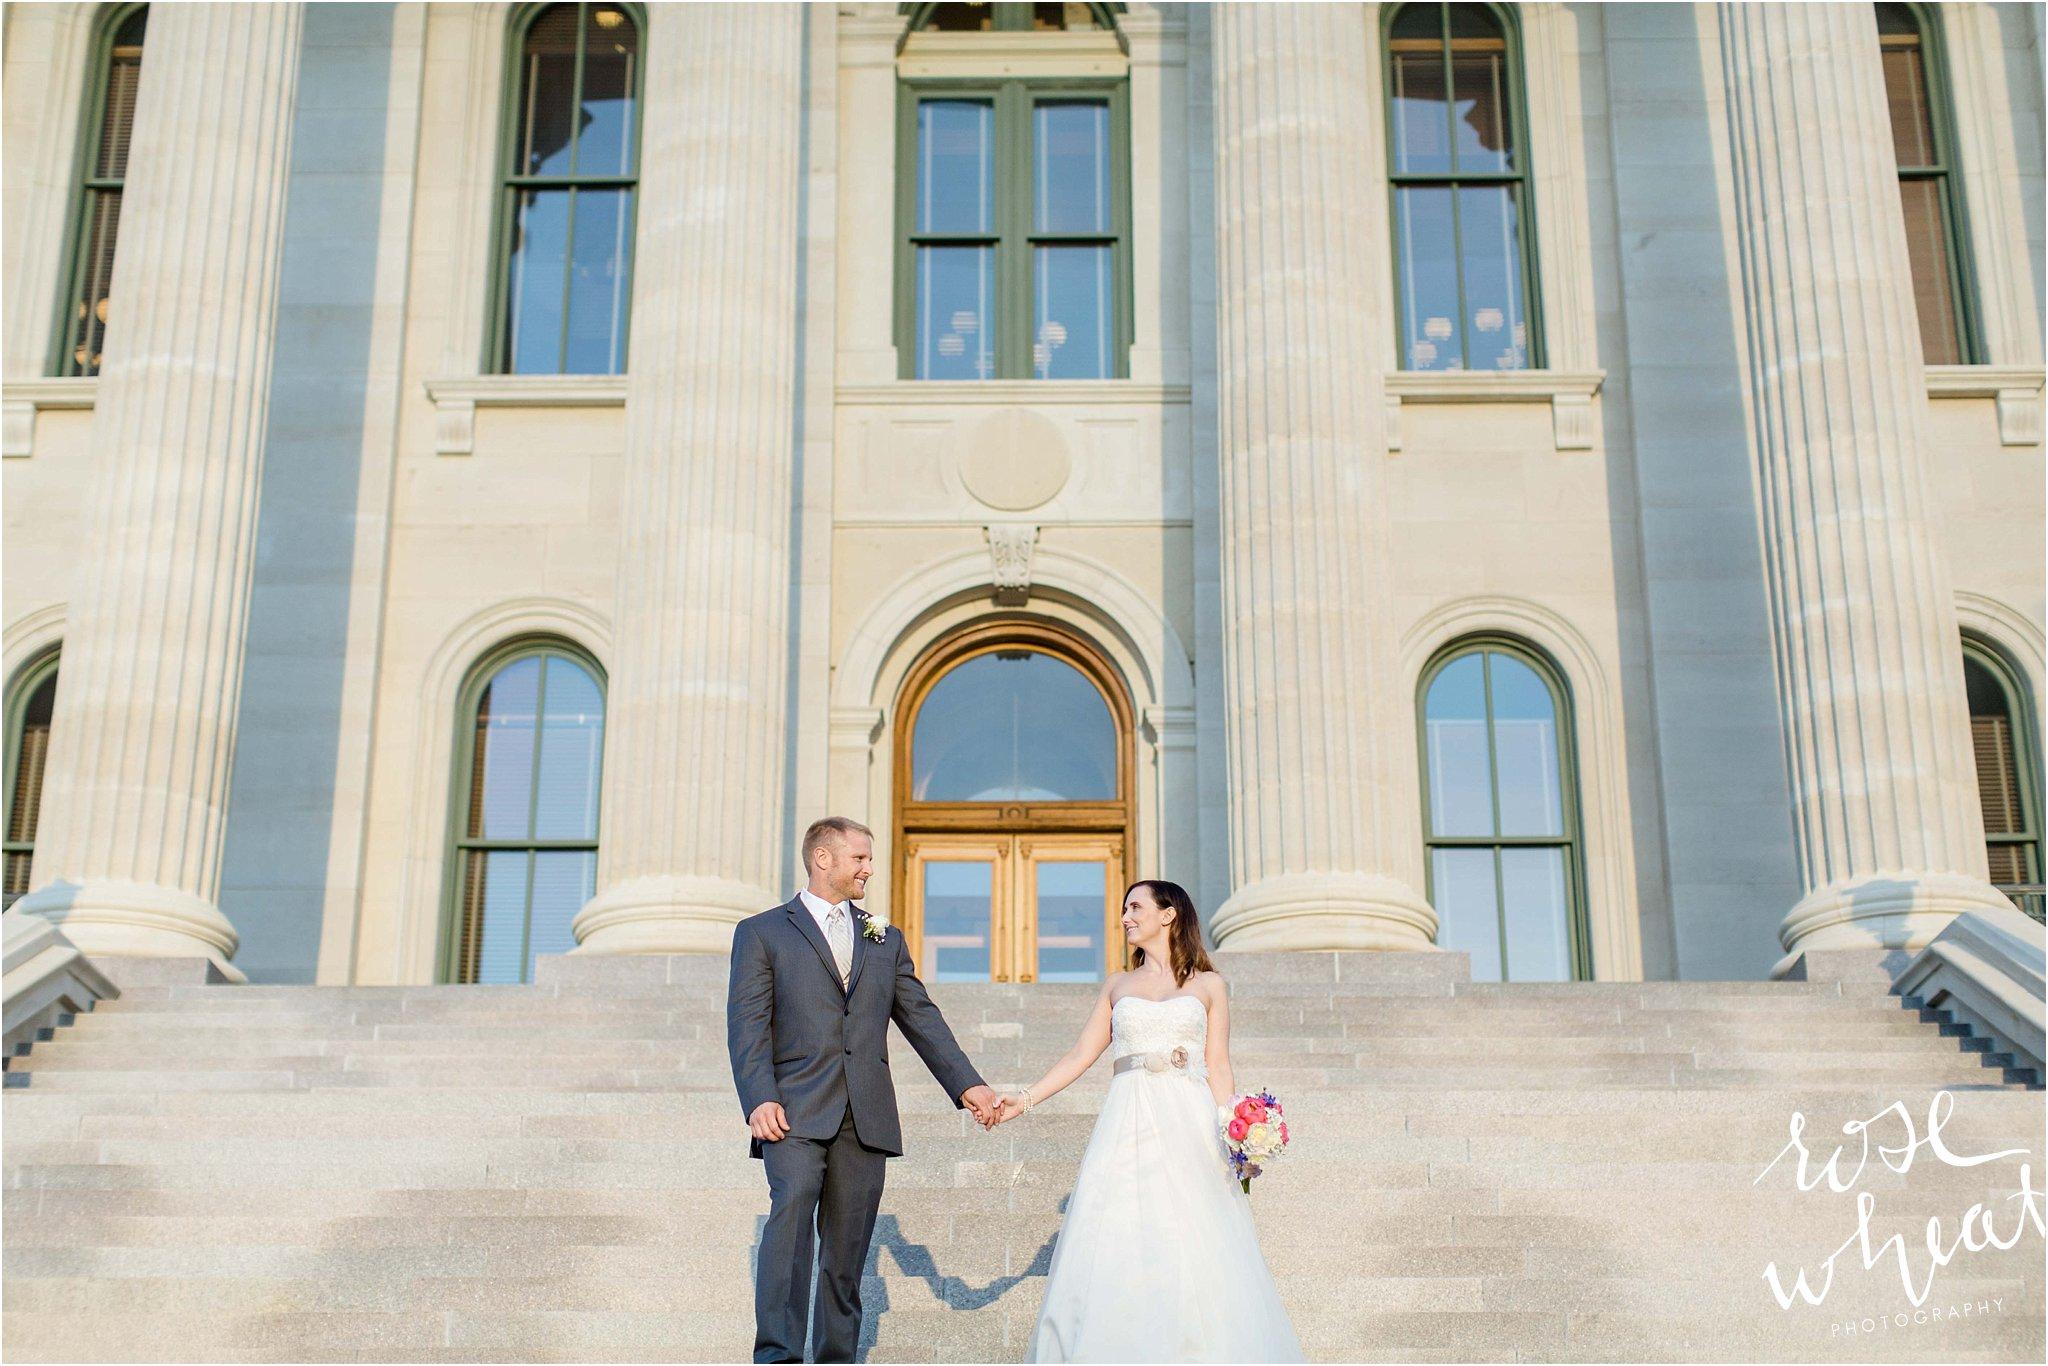 0430020. Topeka Kansas State Capitol Wedding.JPG